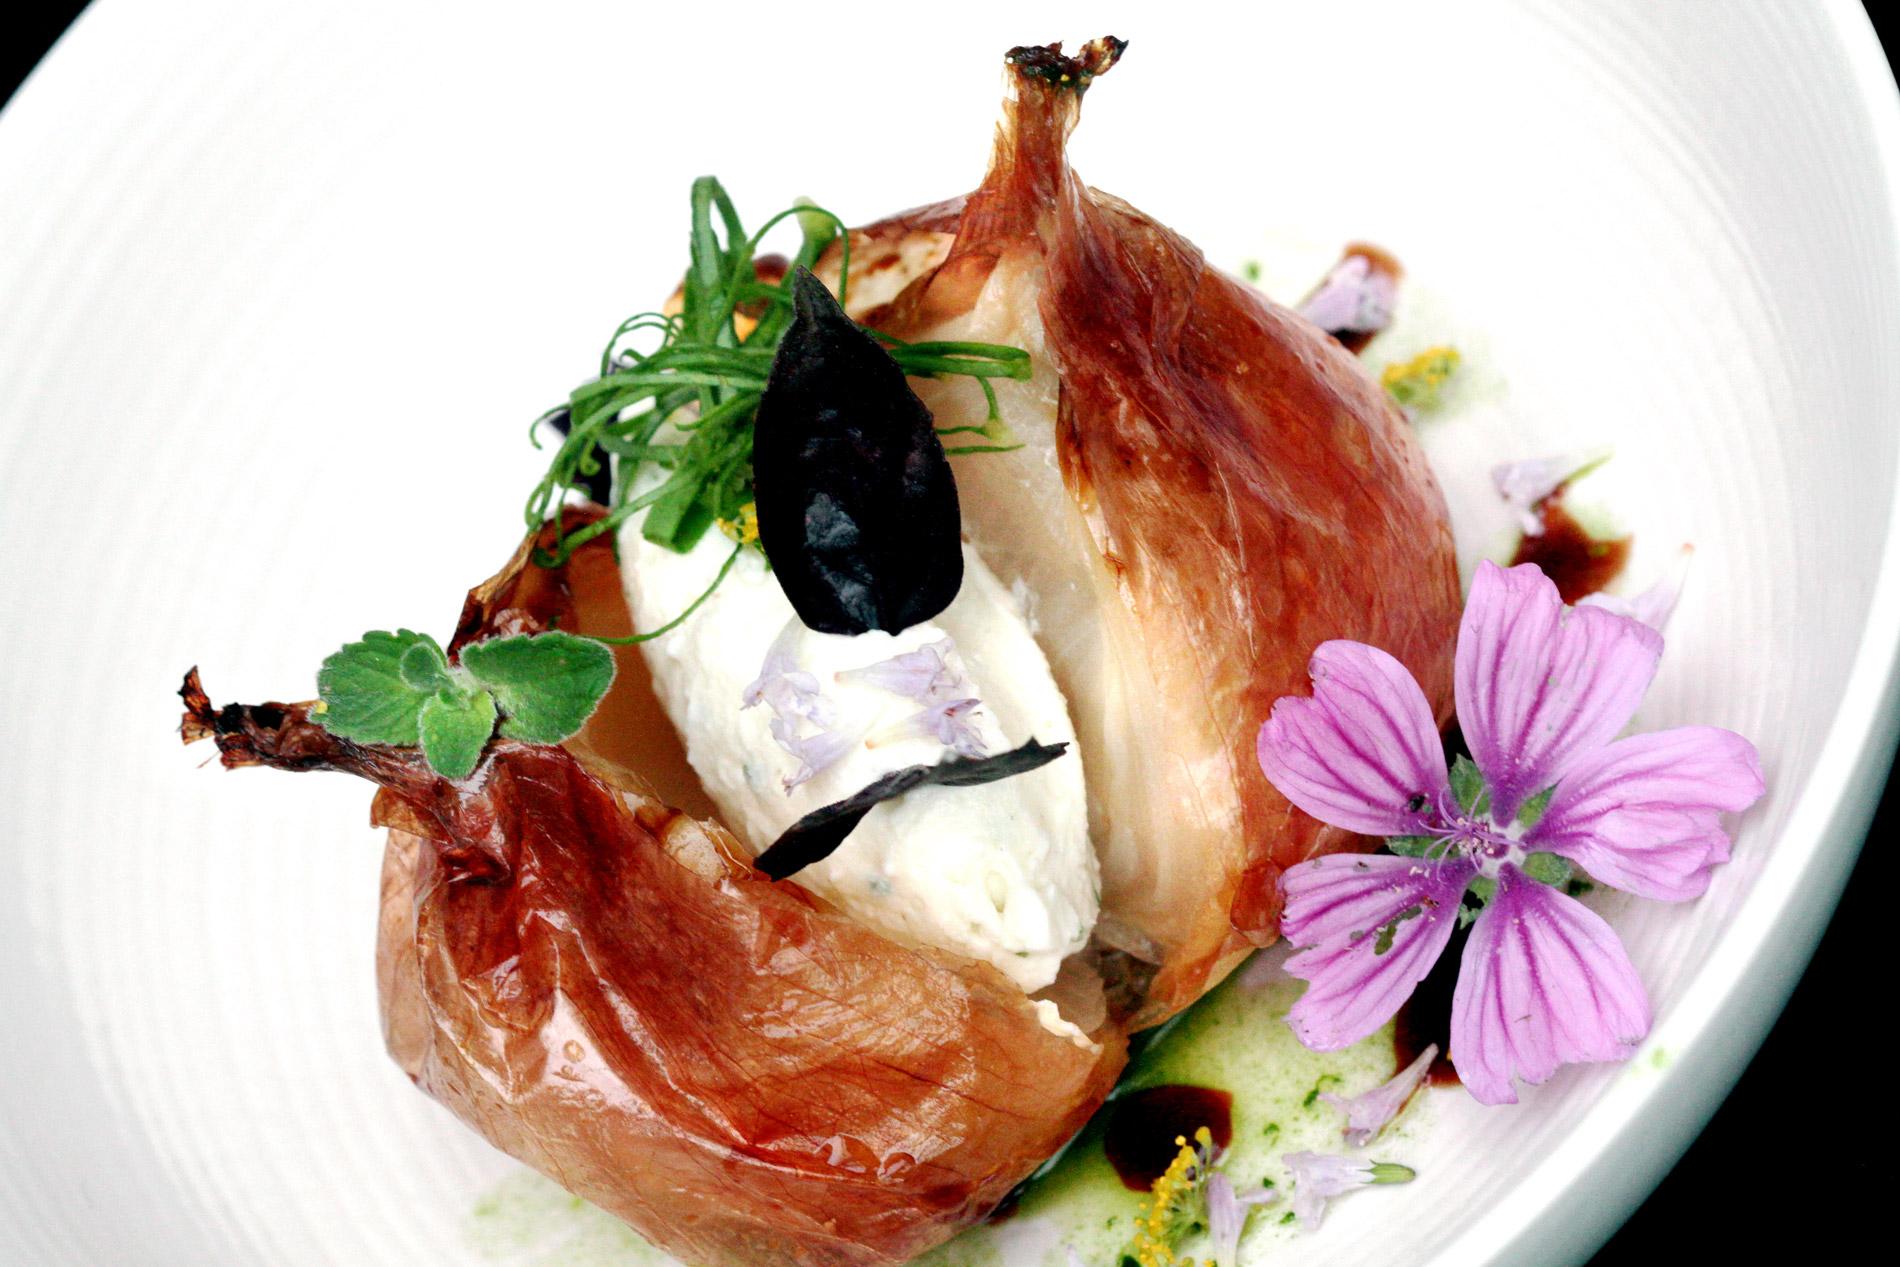 Oignons doux farcis au fromage de chèvre, vinaigrette parfumée aux fanes par Matthieu de Lauzun du Restaurant de Lauzun à Gignac